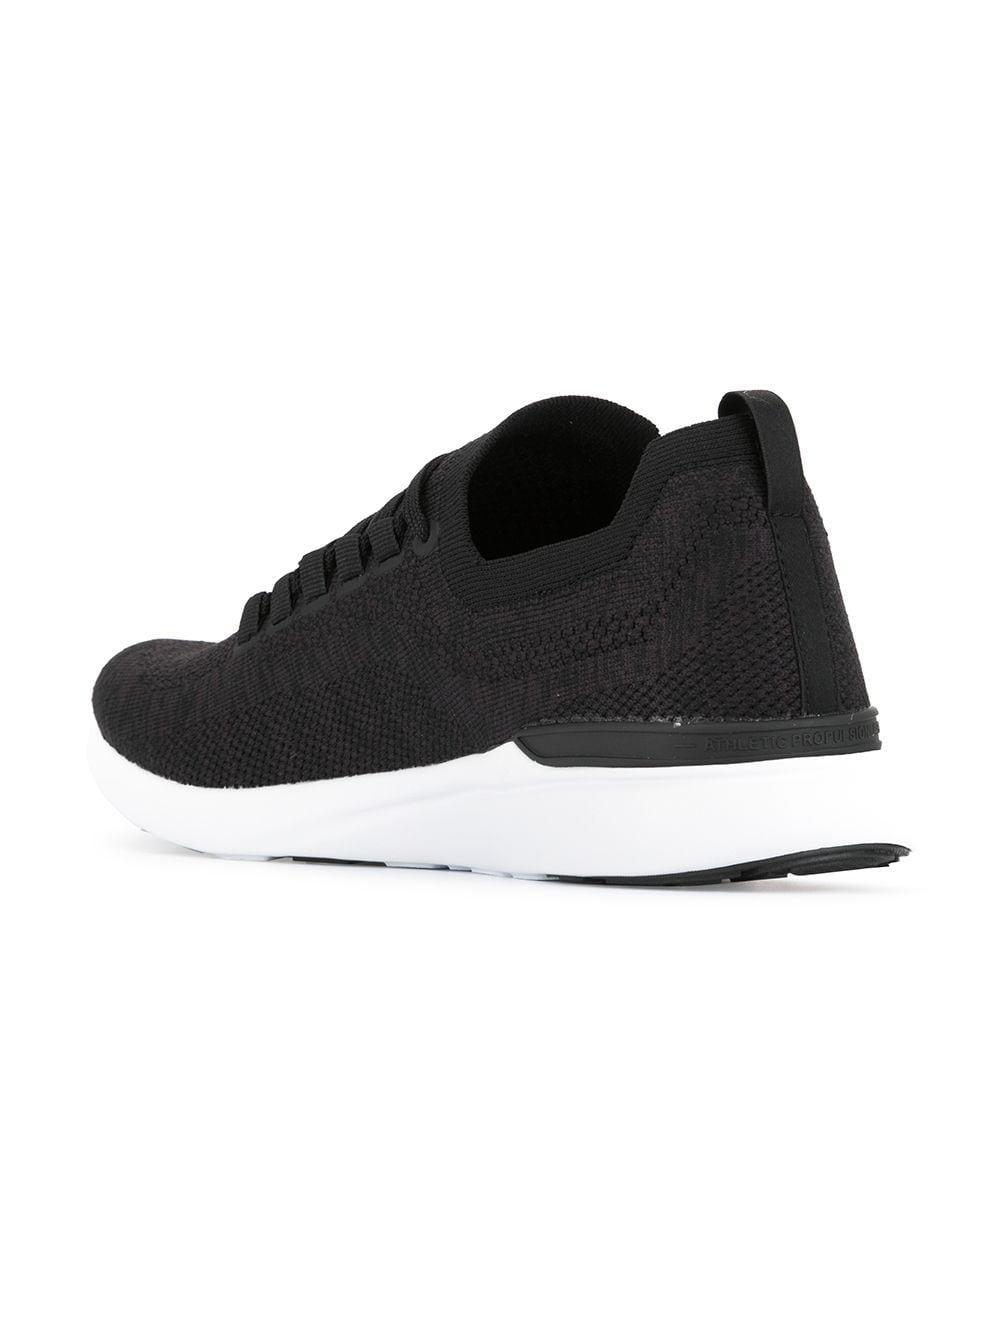 Baskets TechLoom Breeze Synthétique APL Shoes pour homme en coloris Noir 6ncx